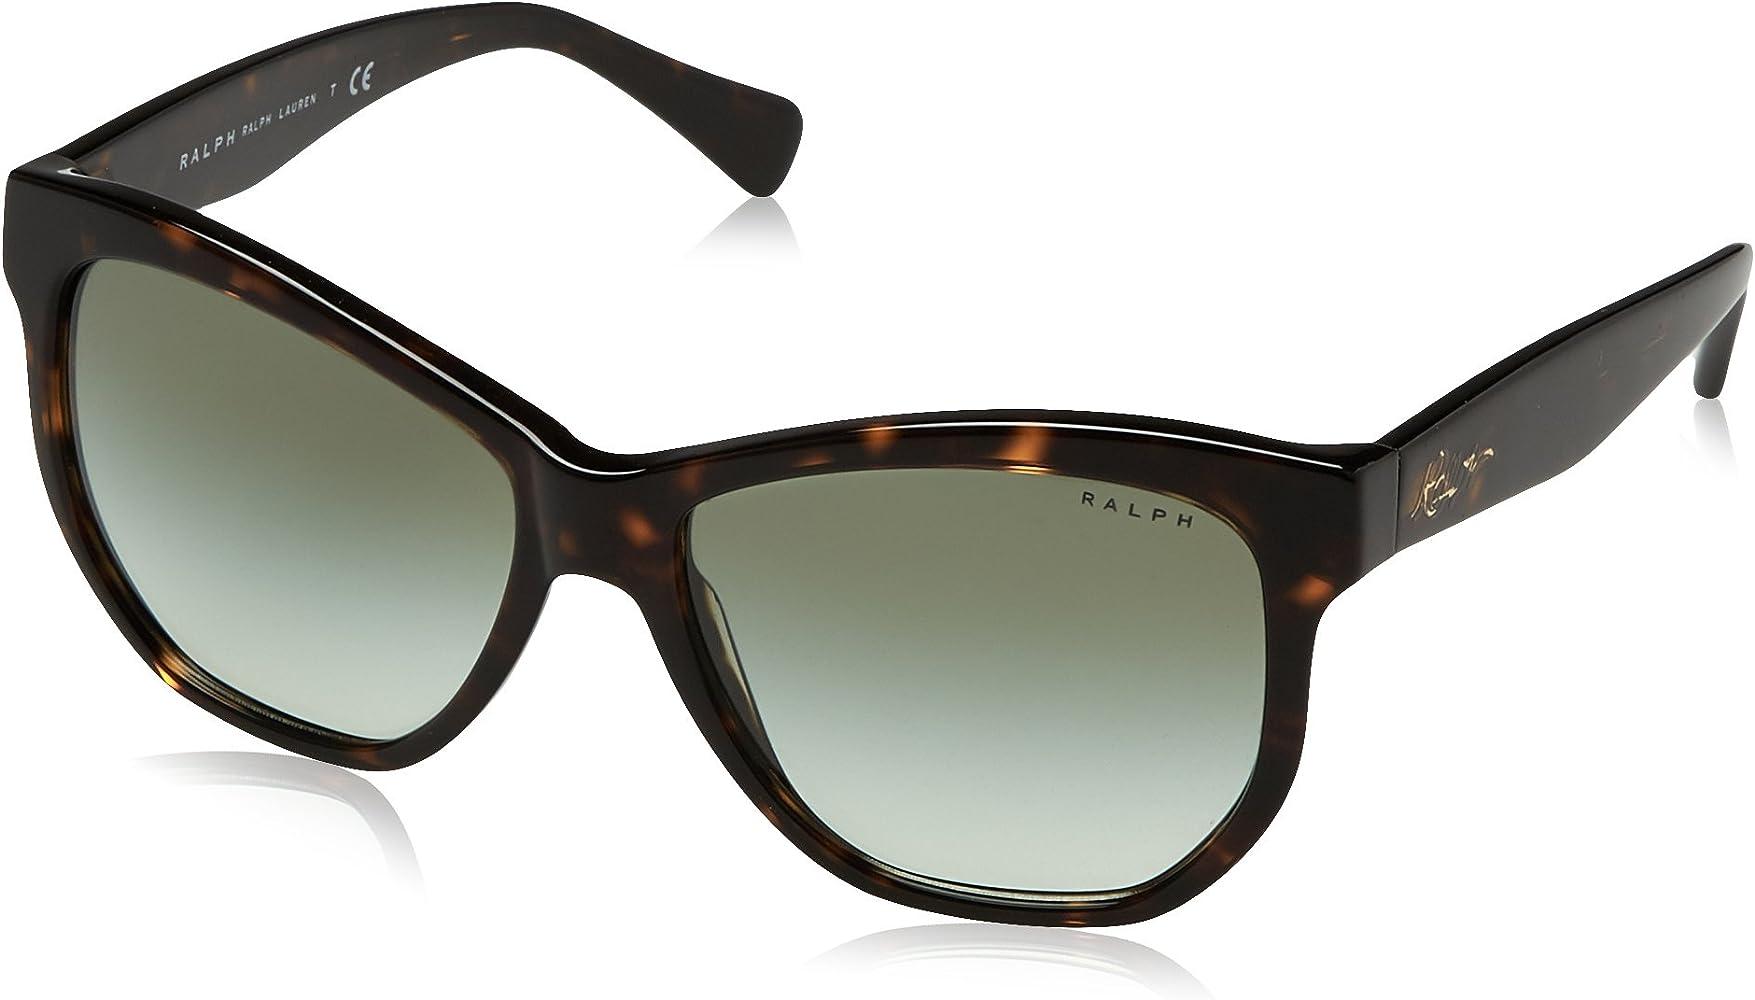 Ralph 0Ra5219, Gafas de Sol para Mujer, Marrón (Dark ...